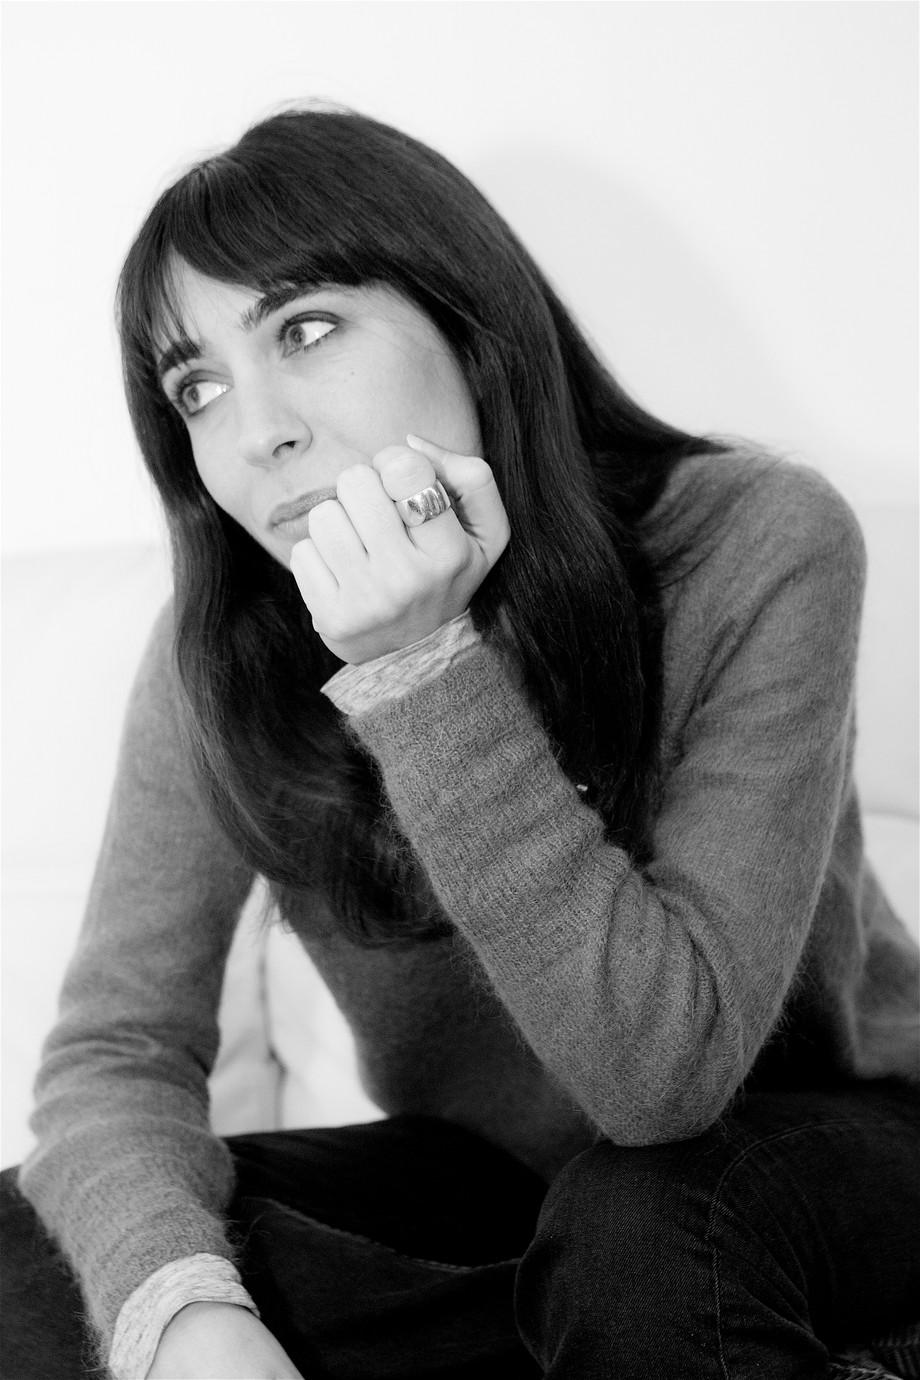 Moda contemporanea, donna internazionale: Francesca Liberatore si racconta / Contemporary fashion, i